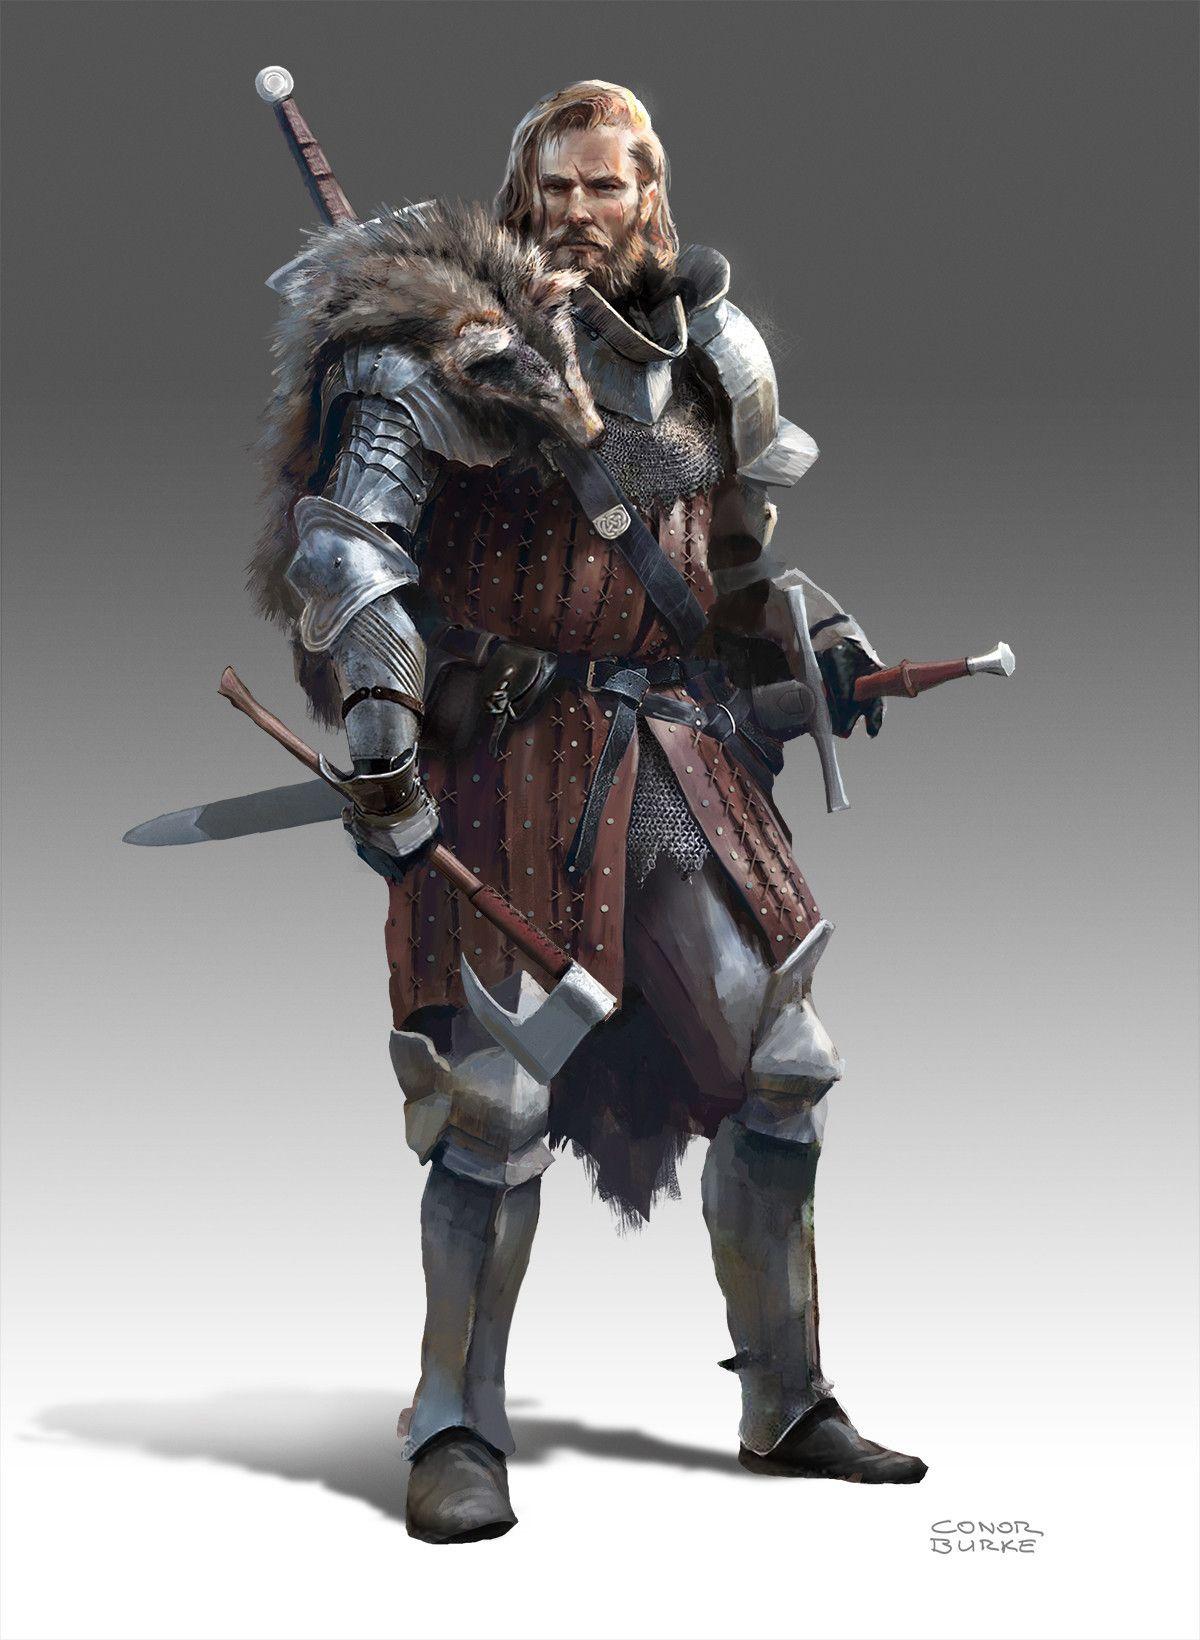 m Ranger Royal Constable Med Armor Cloak Swords traveler ...